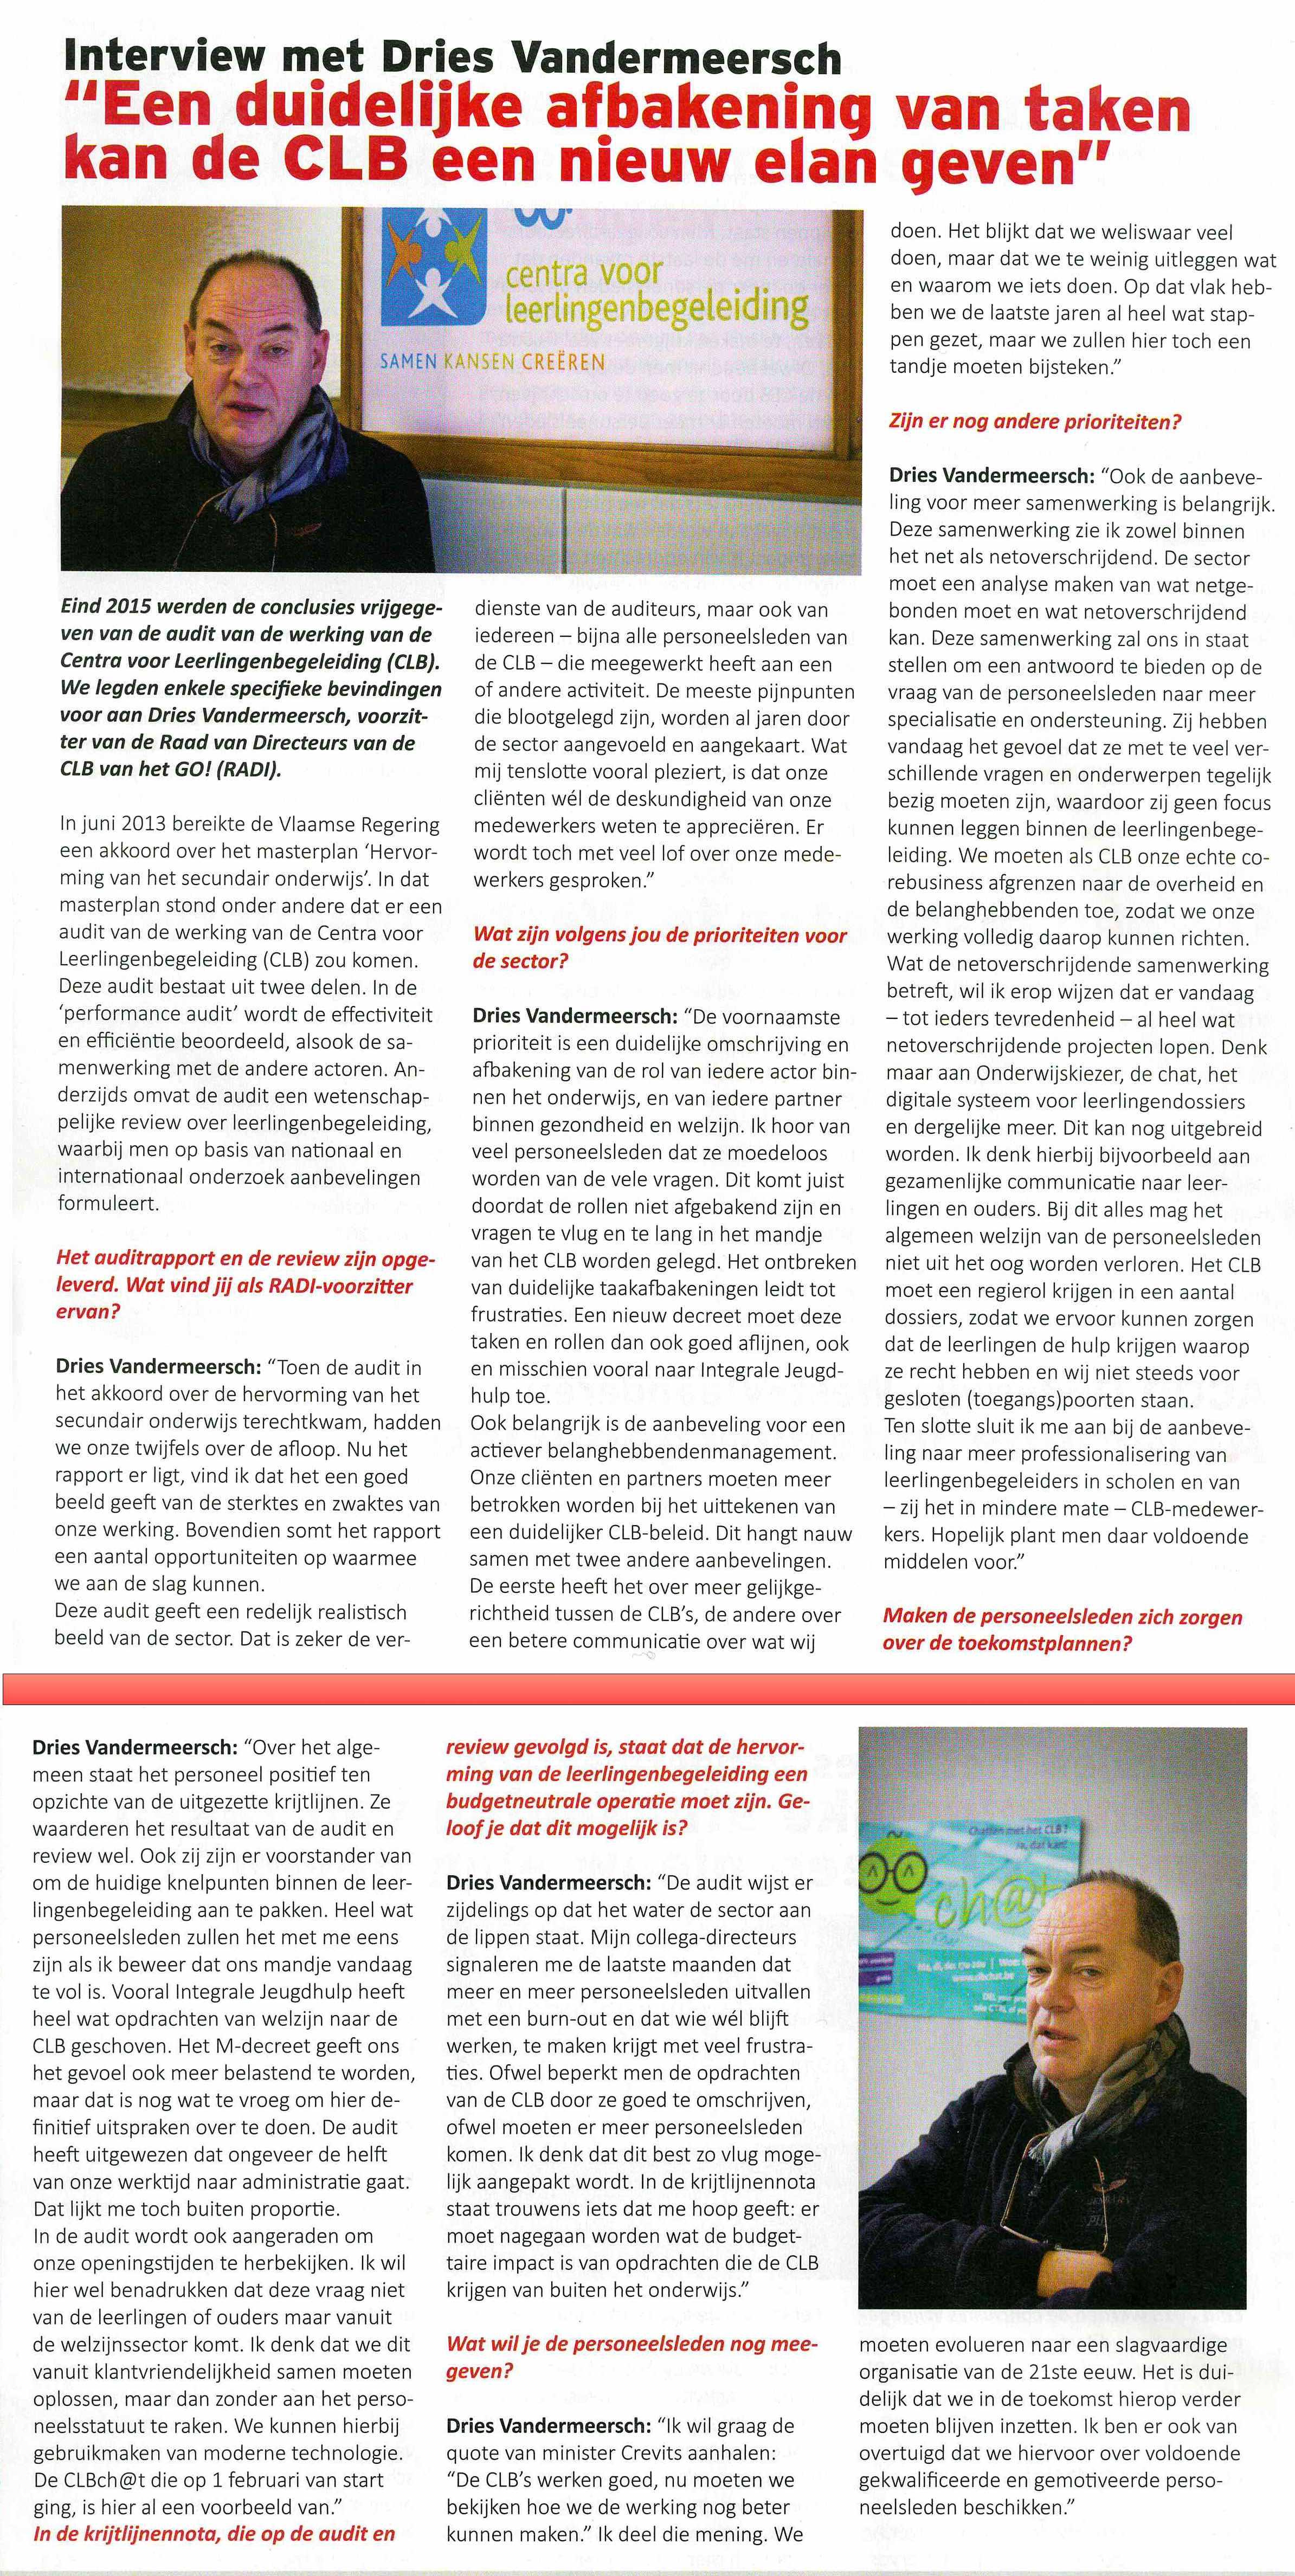 Interview Dries Vandermeersch